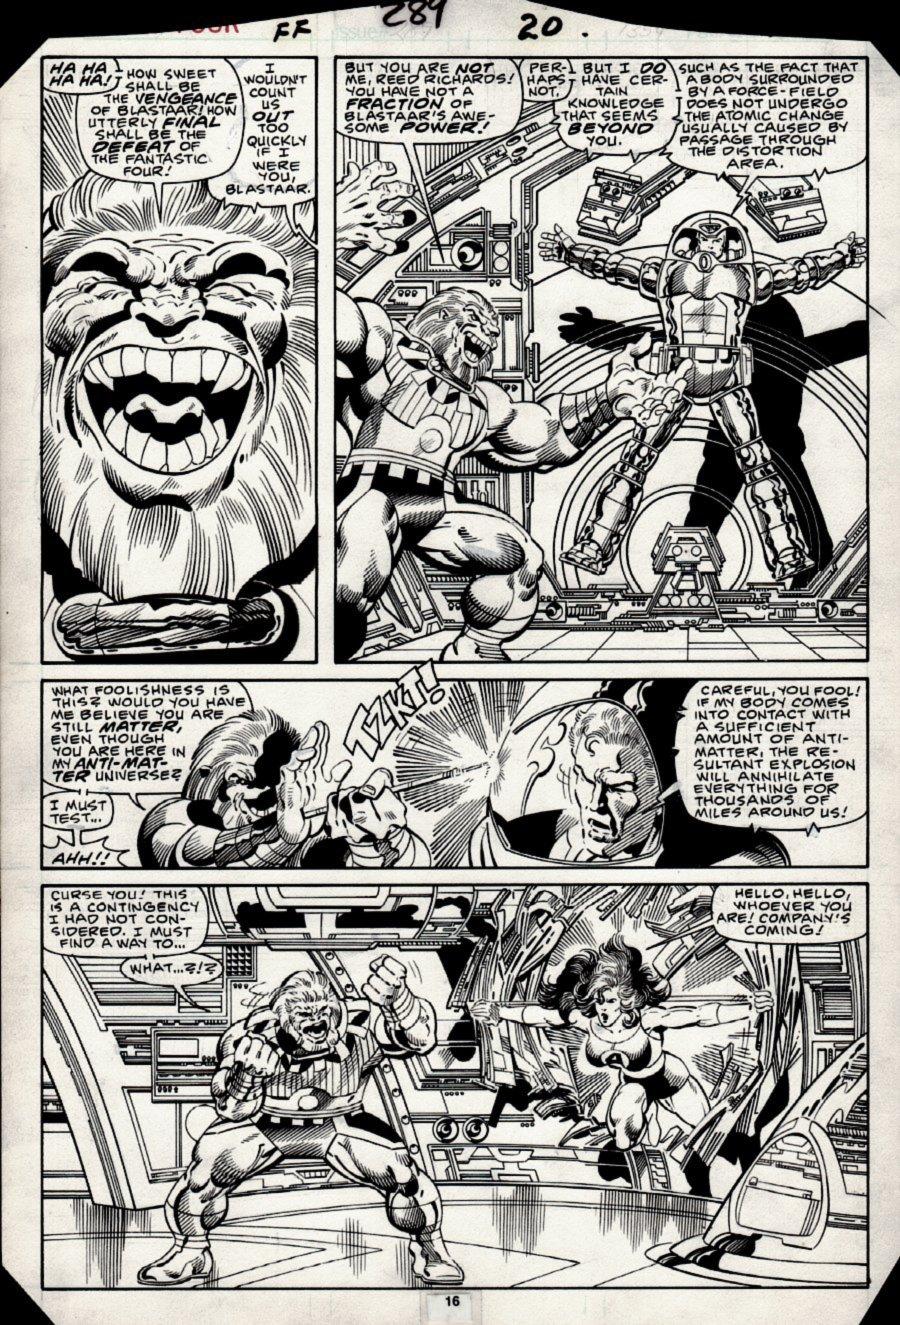 Fantastic Four #289 p 16 (Blastaar Vs Mr Fantastic & She-Hulk!) 1985